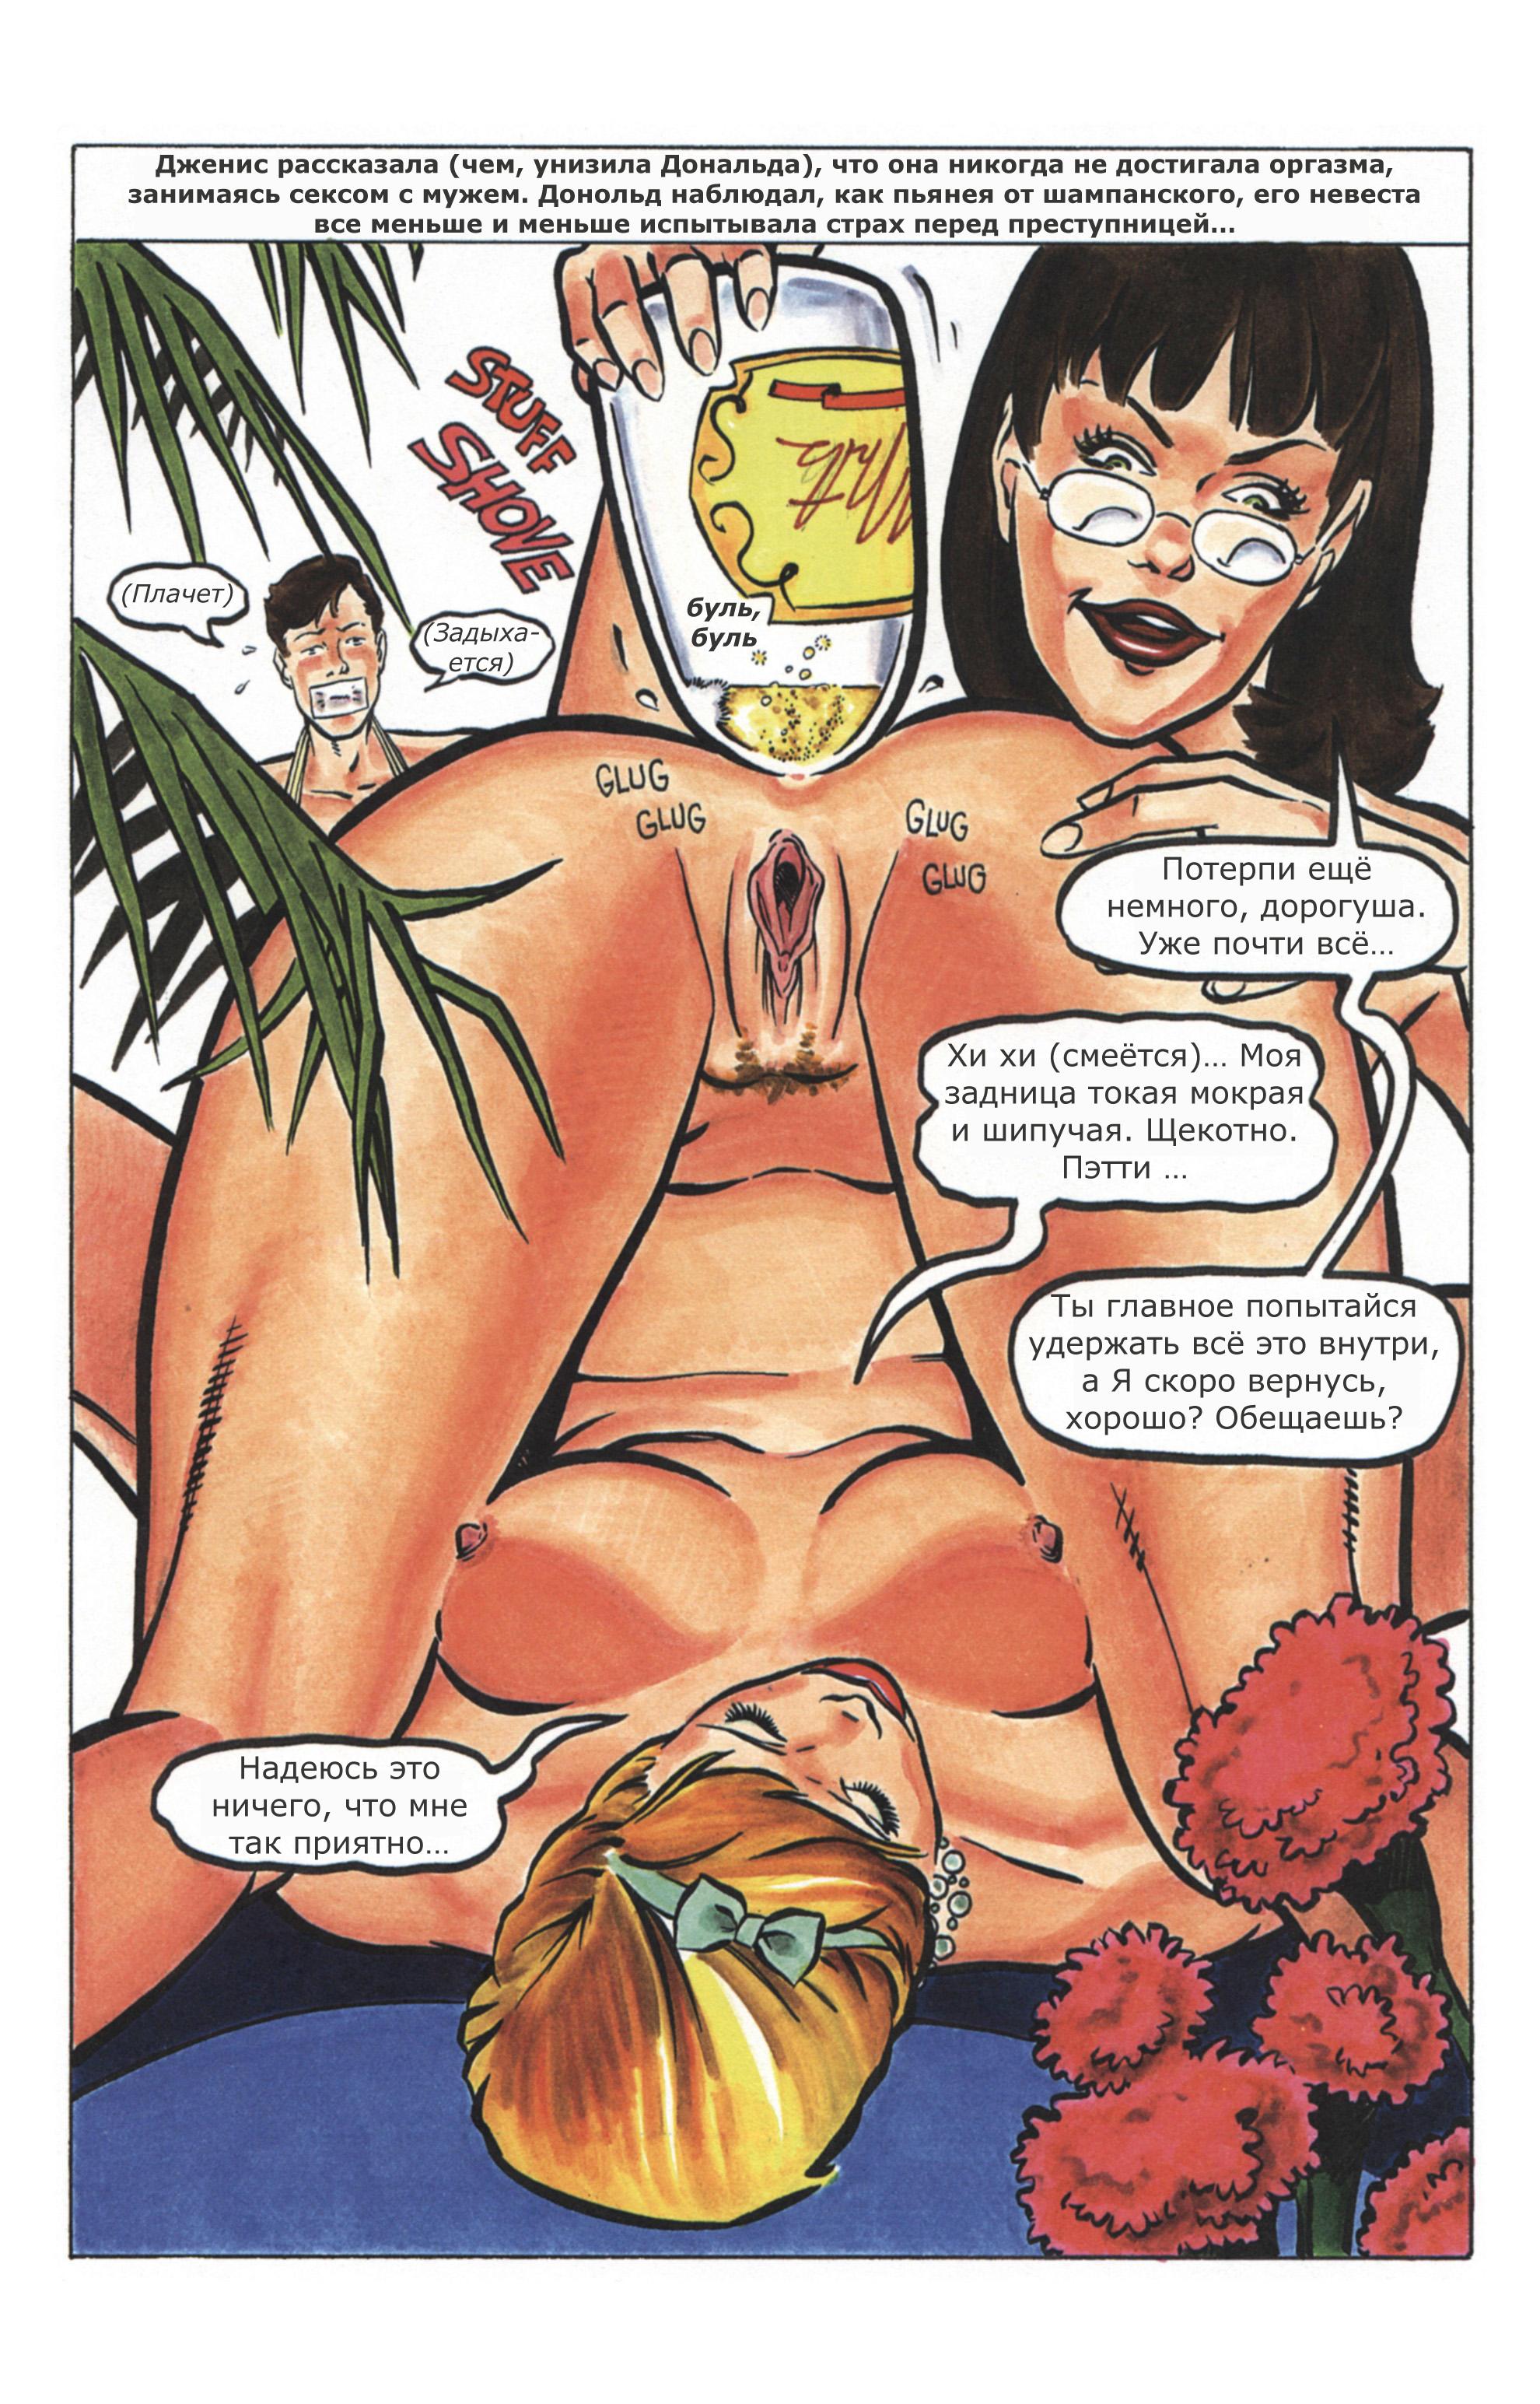 Дома комикс часть хозяйка 101 порно 2